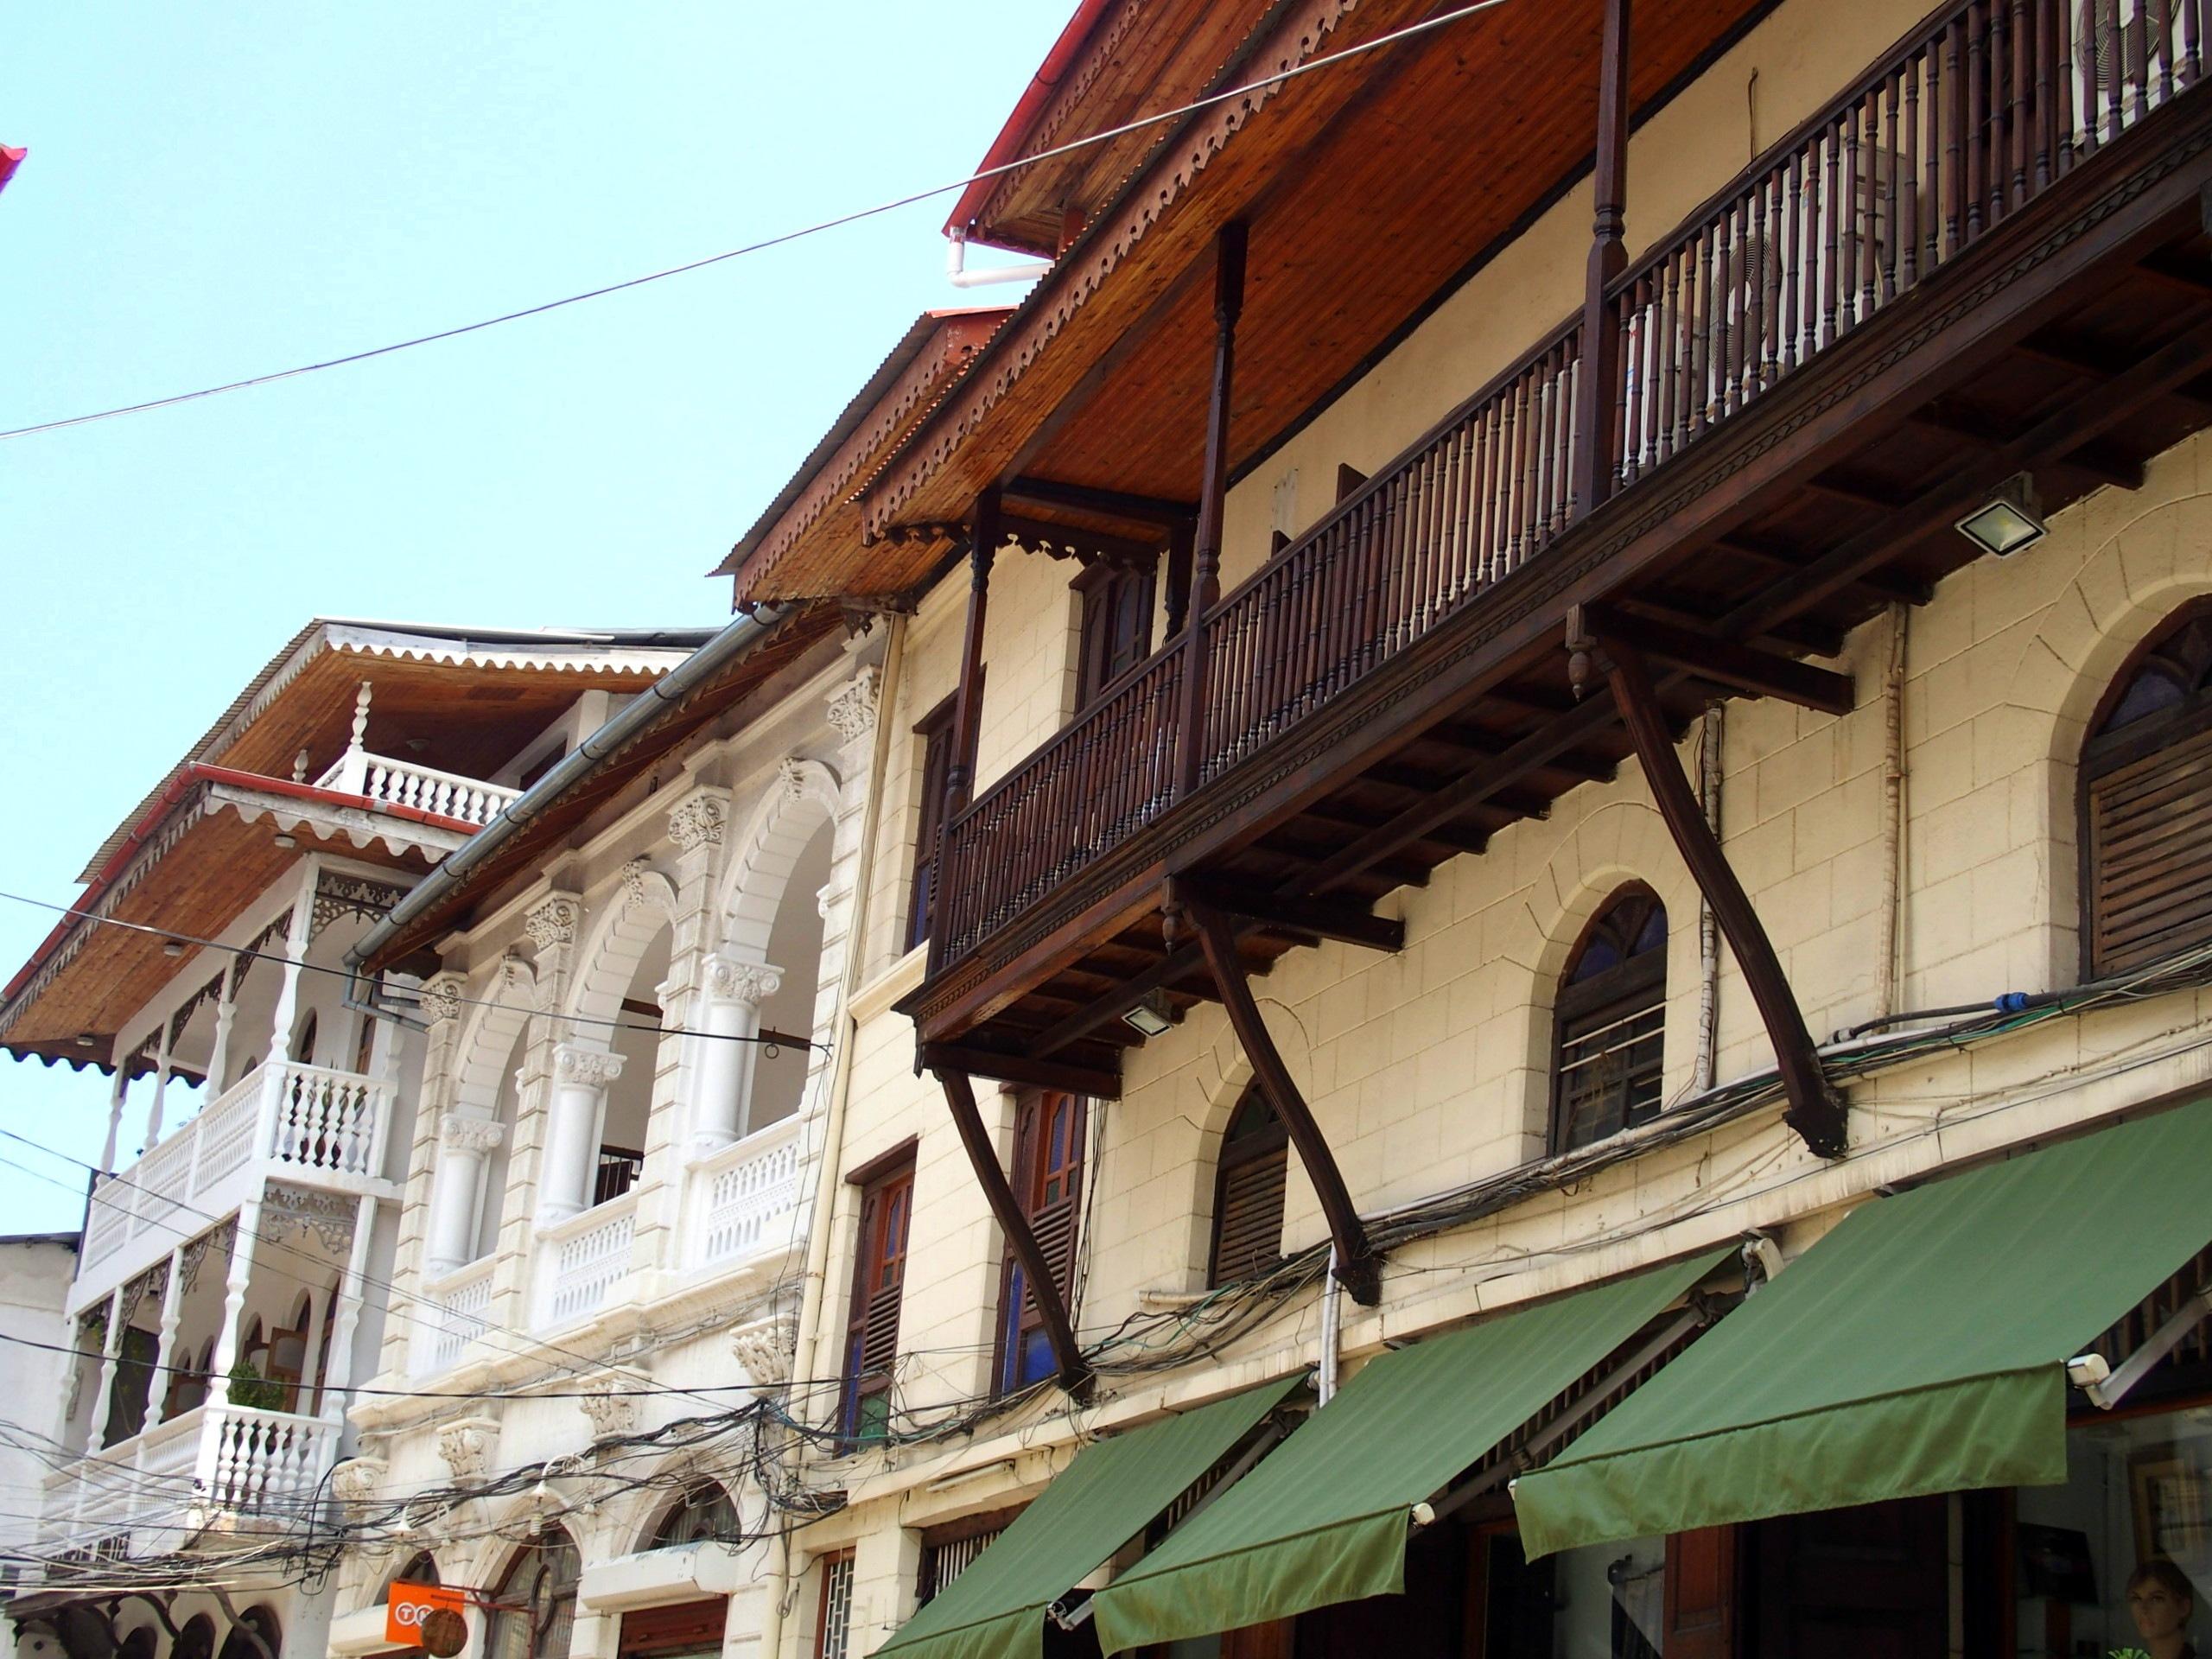 Balcons sculptés sur maisons traditionnelles Stone Town Zanzibar